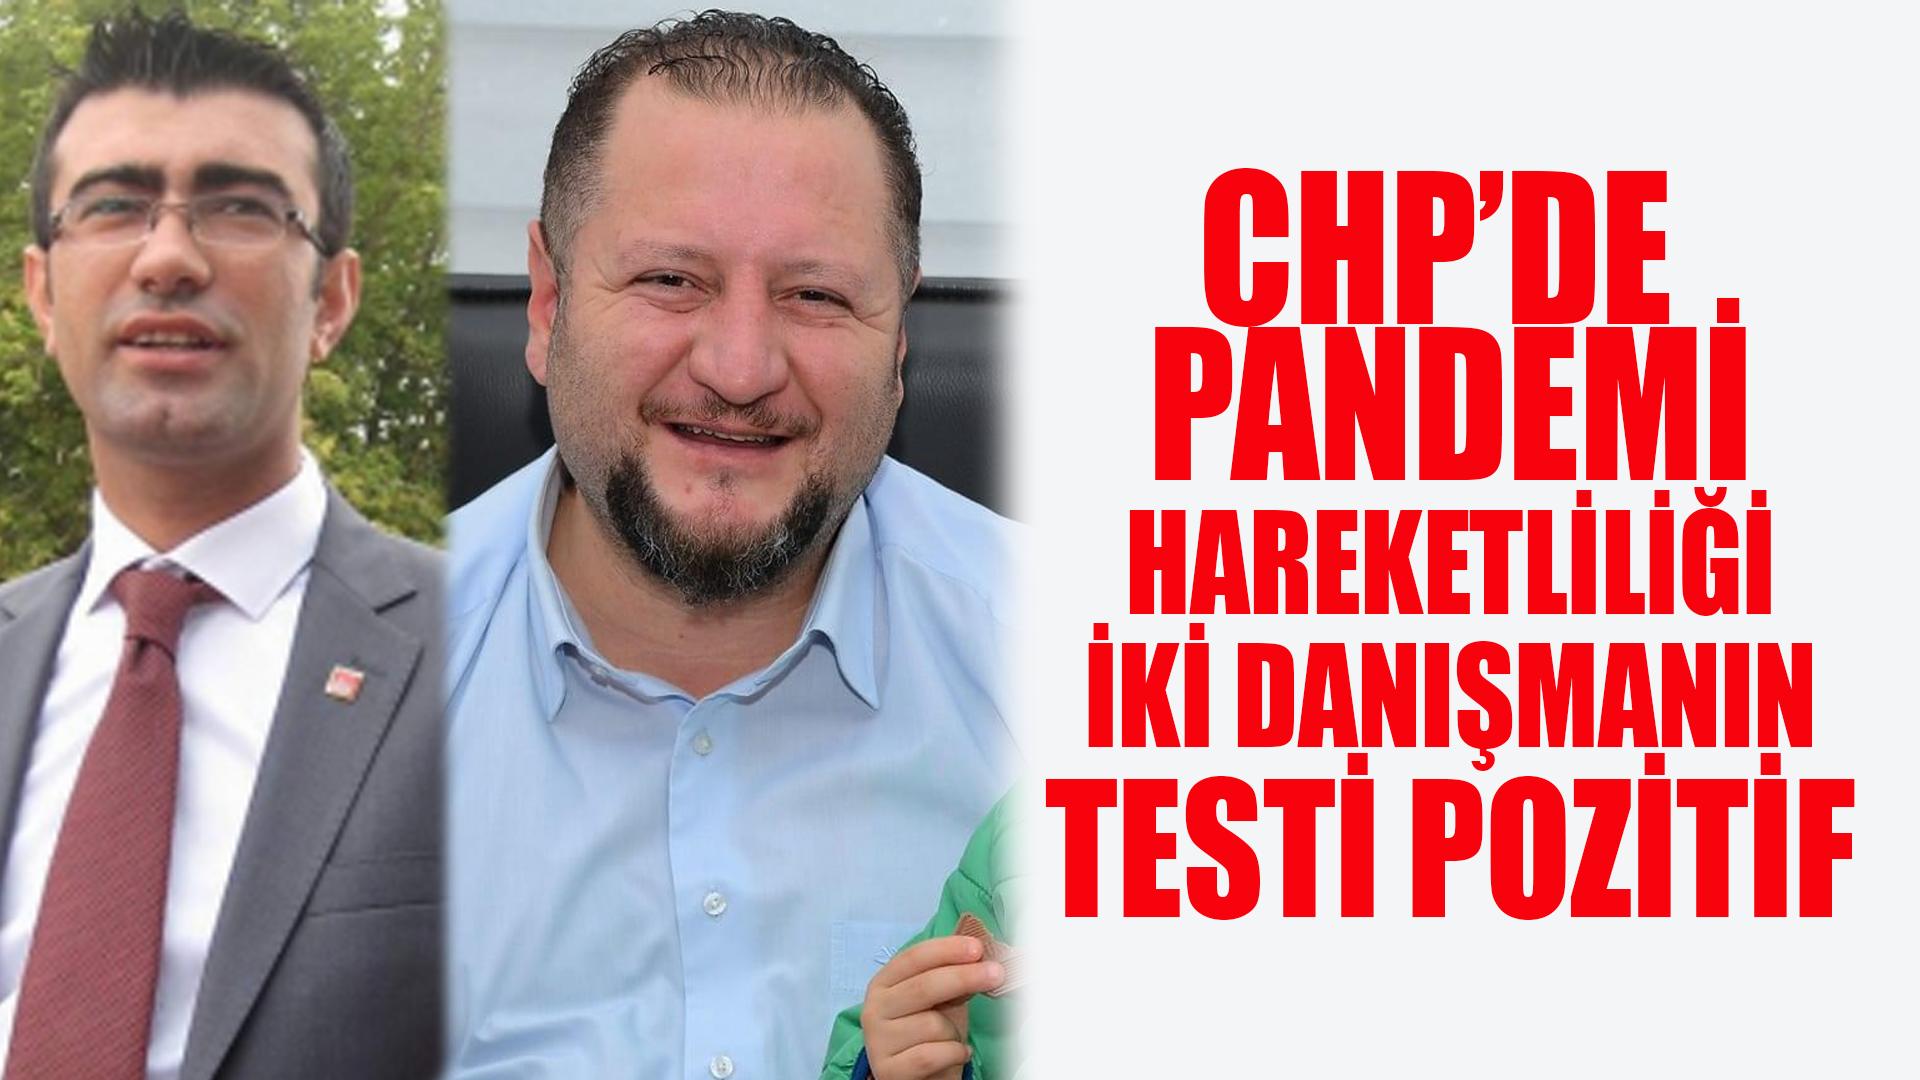 CHP'de iki danışmanın pandemi testi izni çıktı